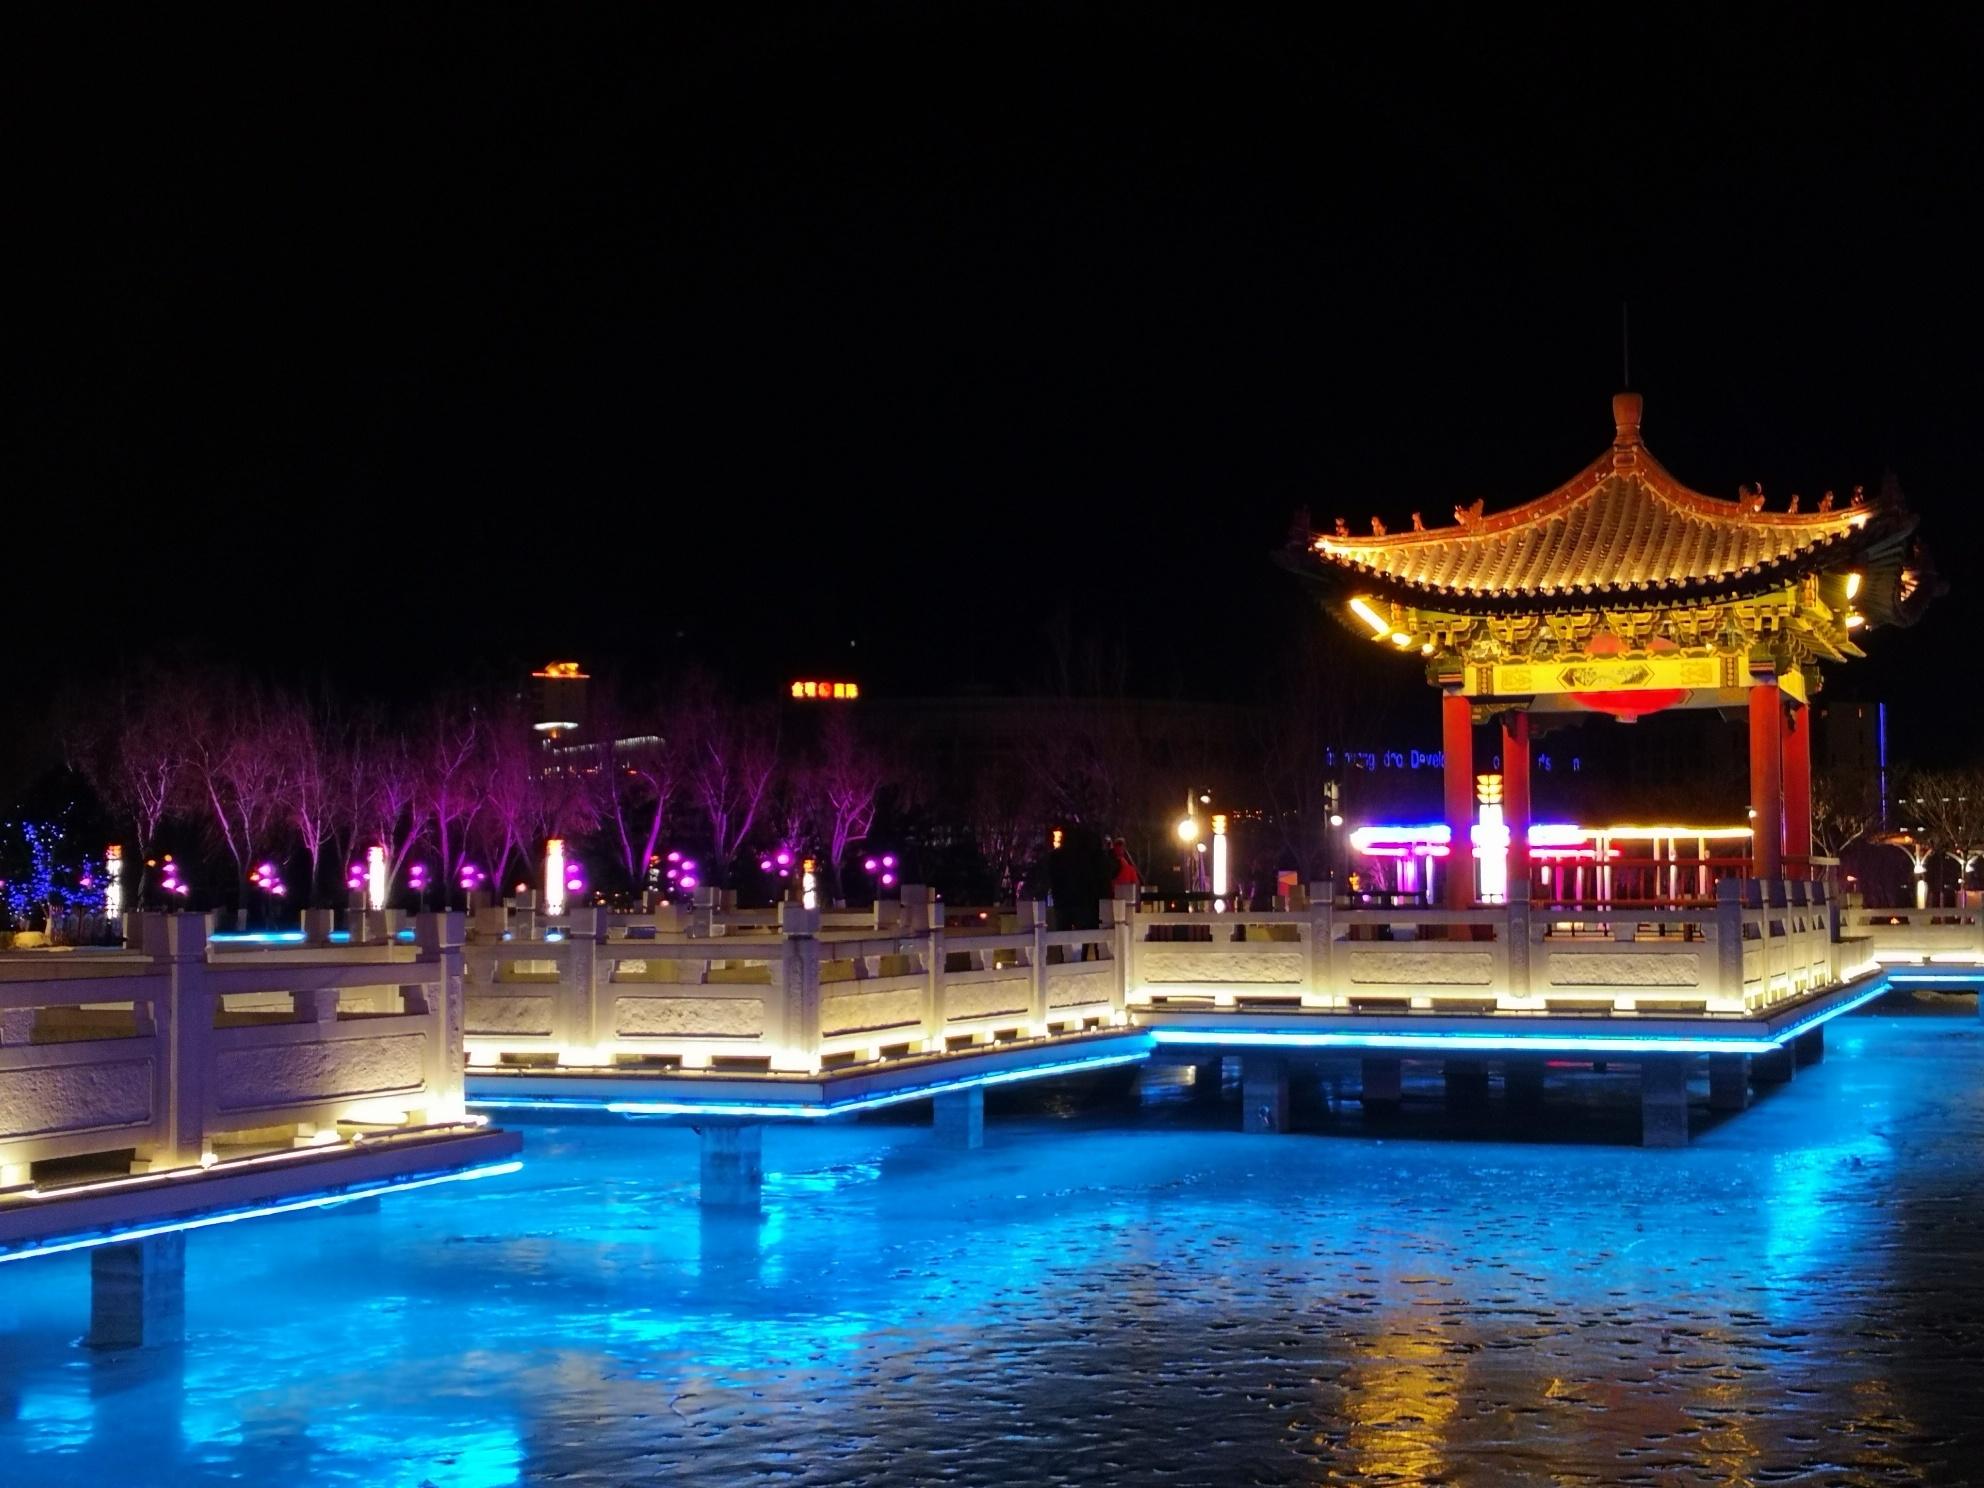 夜游秦皇岛开发区奥体森林公园(正月初八)